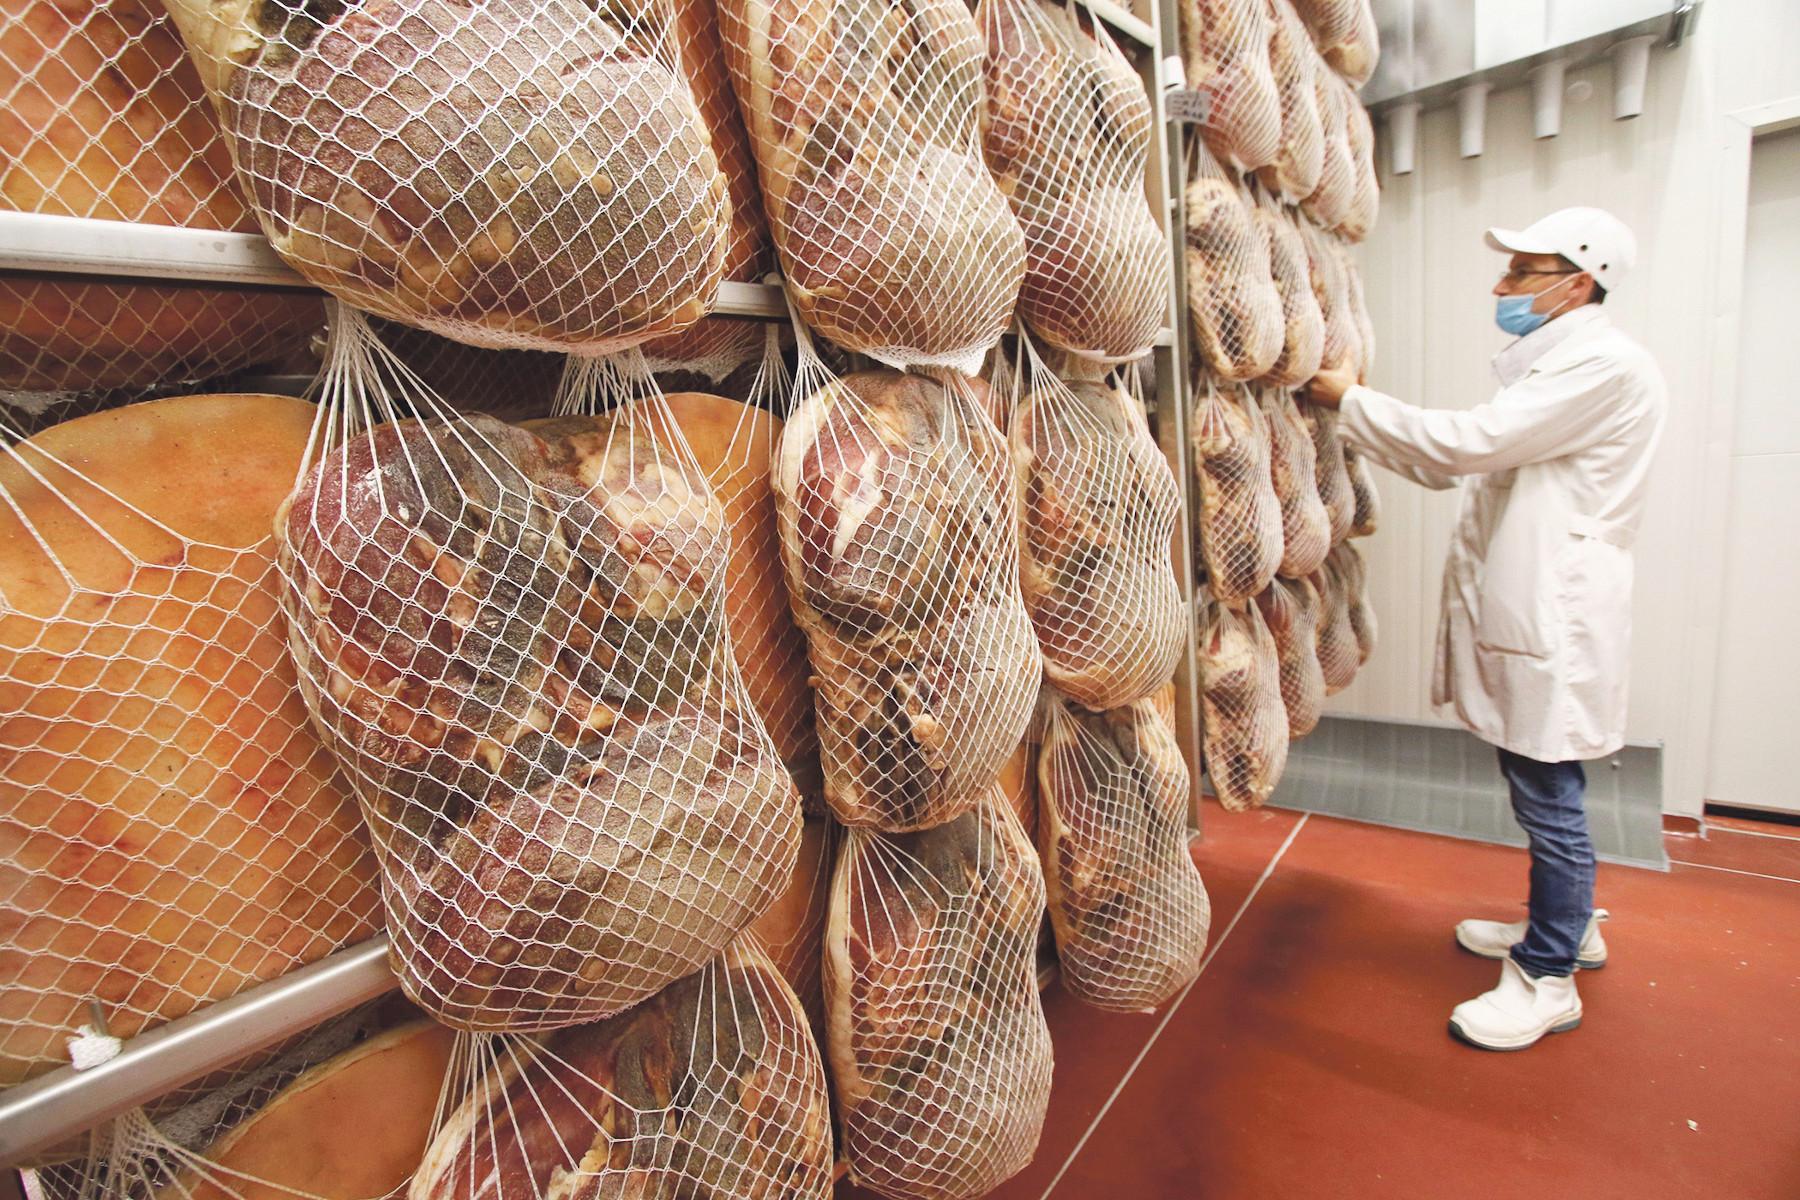 JL-SPECIAL Vrgorac, 060520 Novo otvorena prsutana mesne industrije Braca Pivac u gospodarskoj zoni Ravca kod Vrgorca. Na fotografiji : Nova prsutana MI Braca Pivac. Foto: Ivo Ravlic / CROPIX